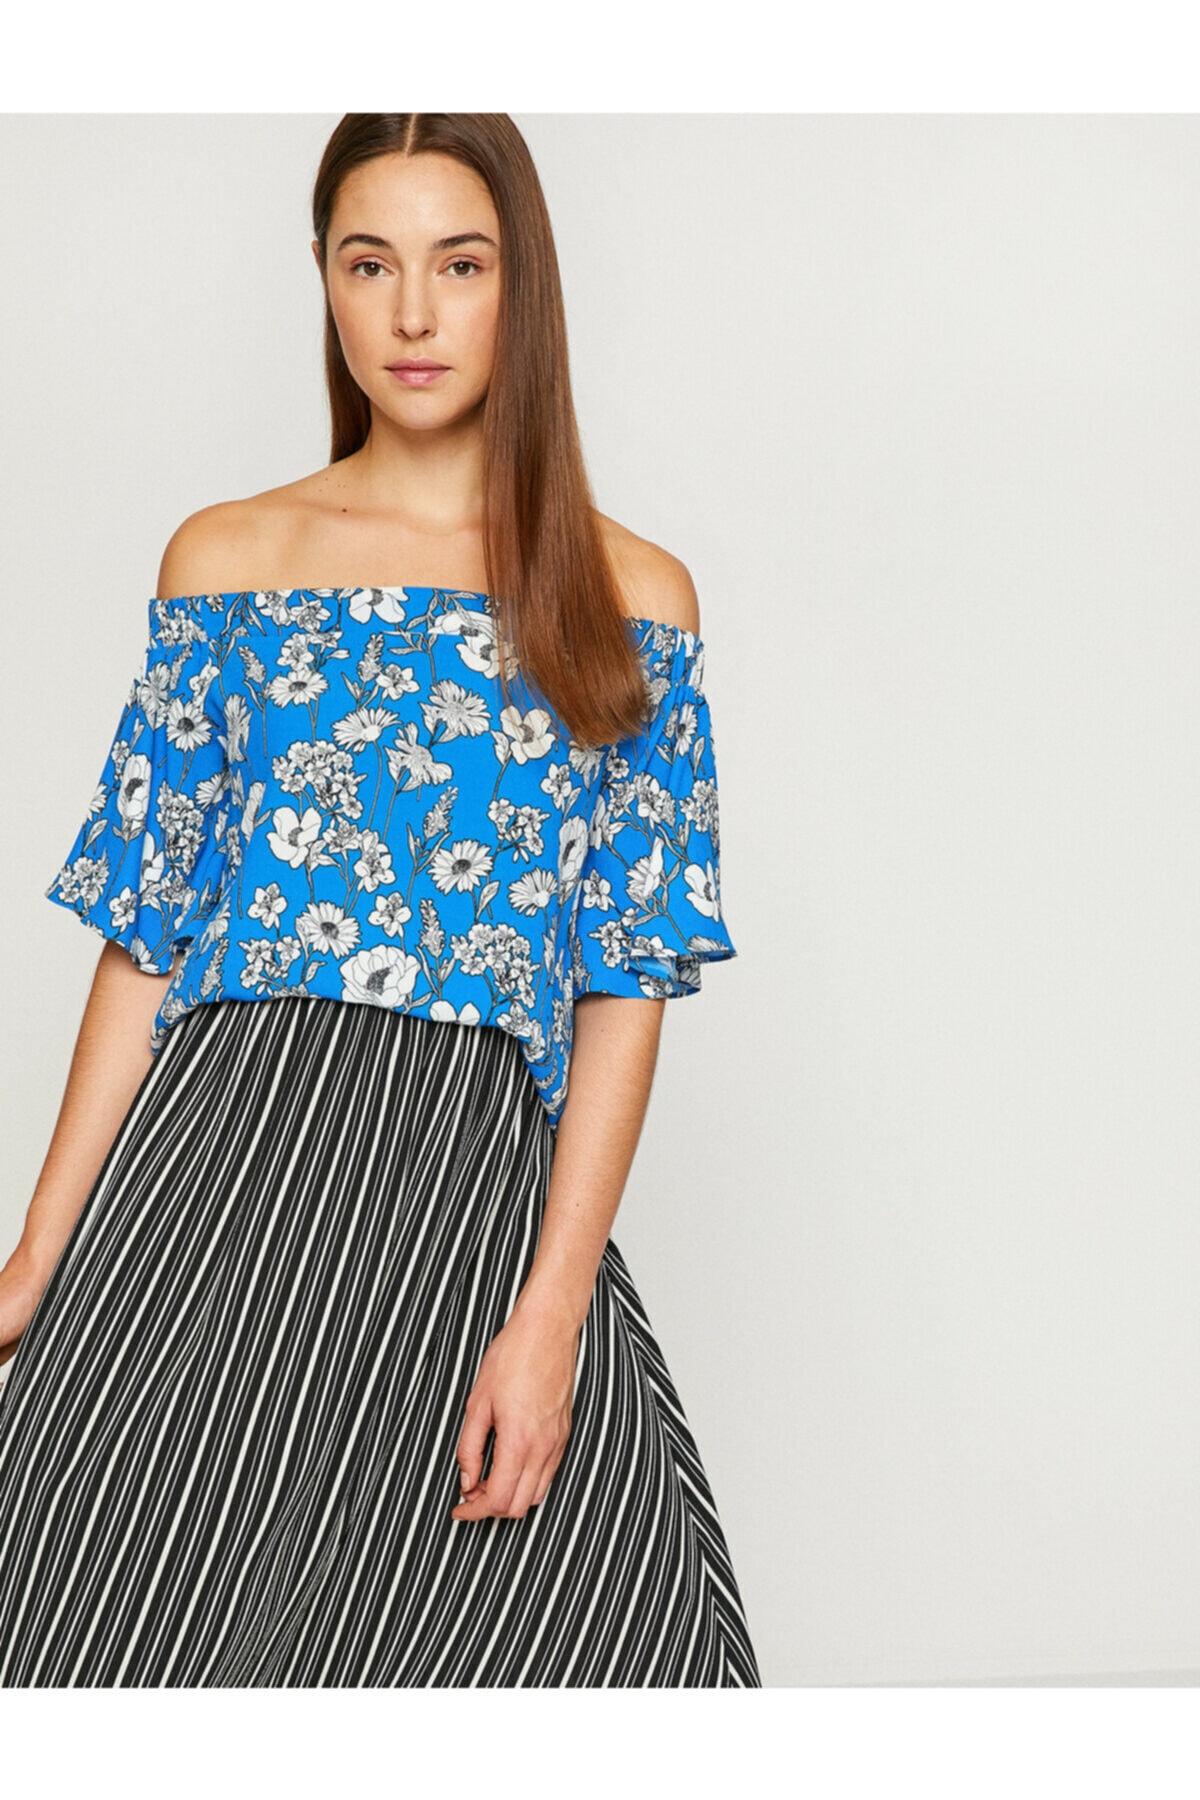 Kadın Mavi Omzu Açık Bluz 8YAK68746PW